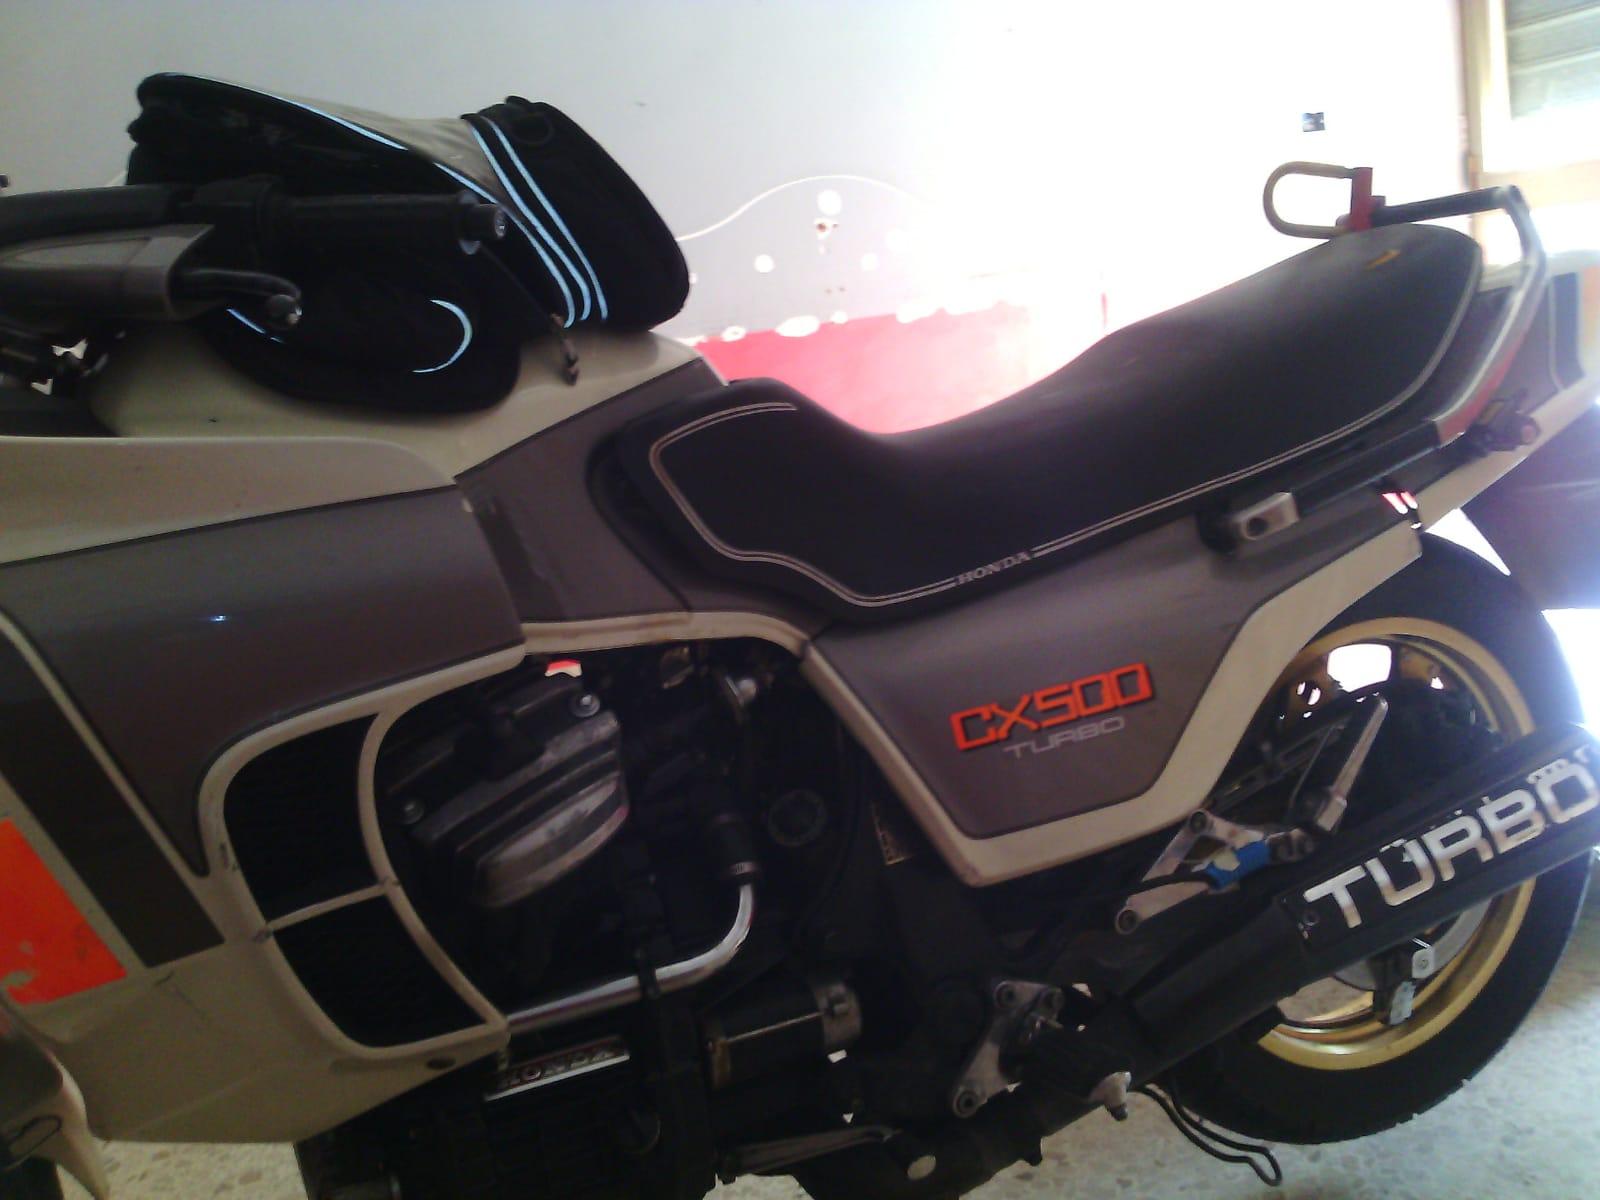 HONDA CB500 TURBO